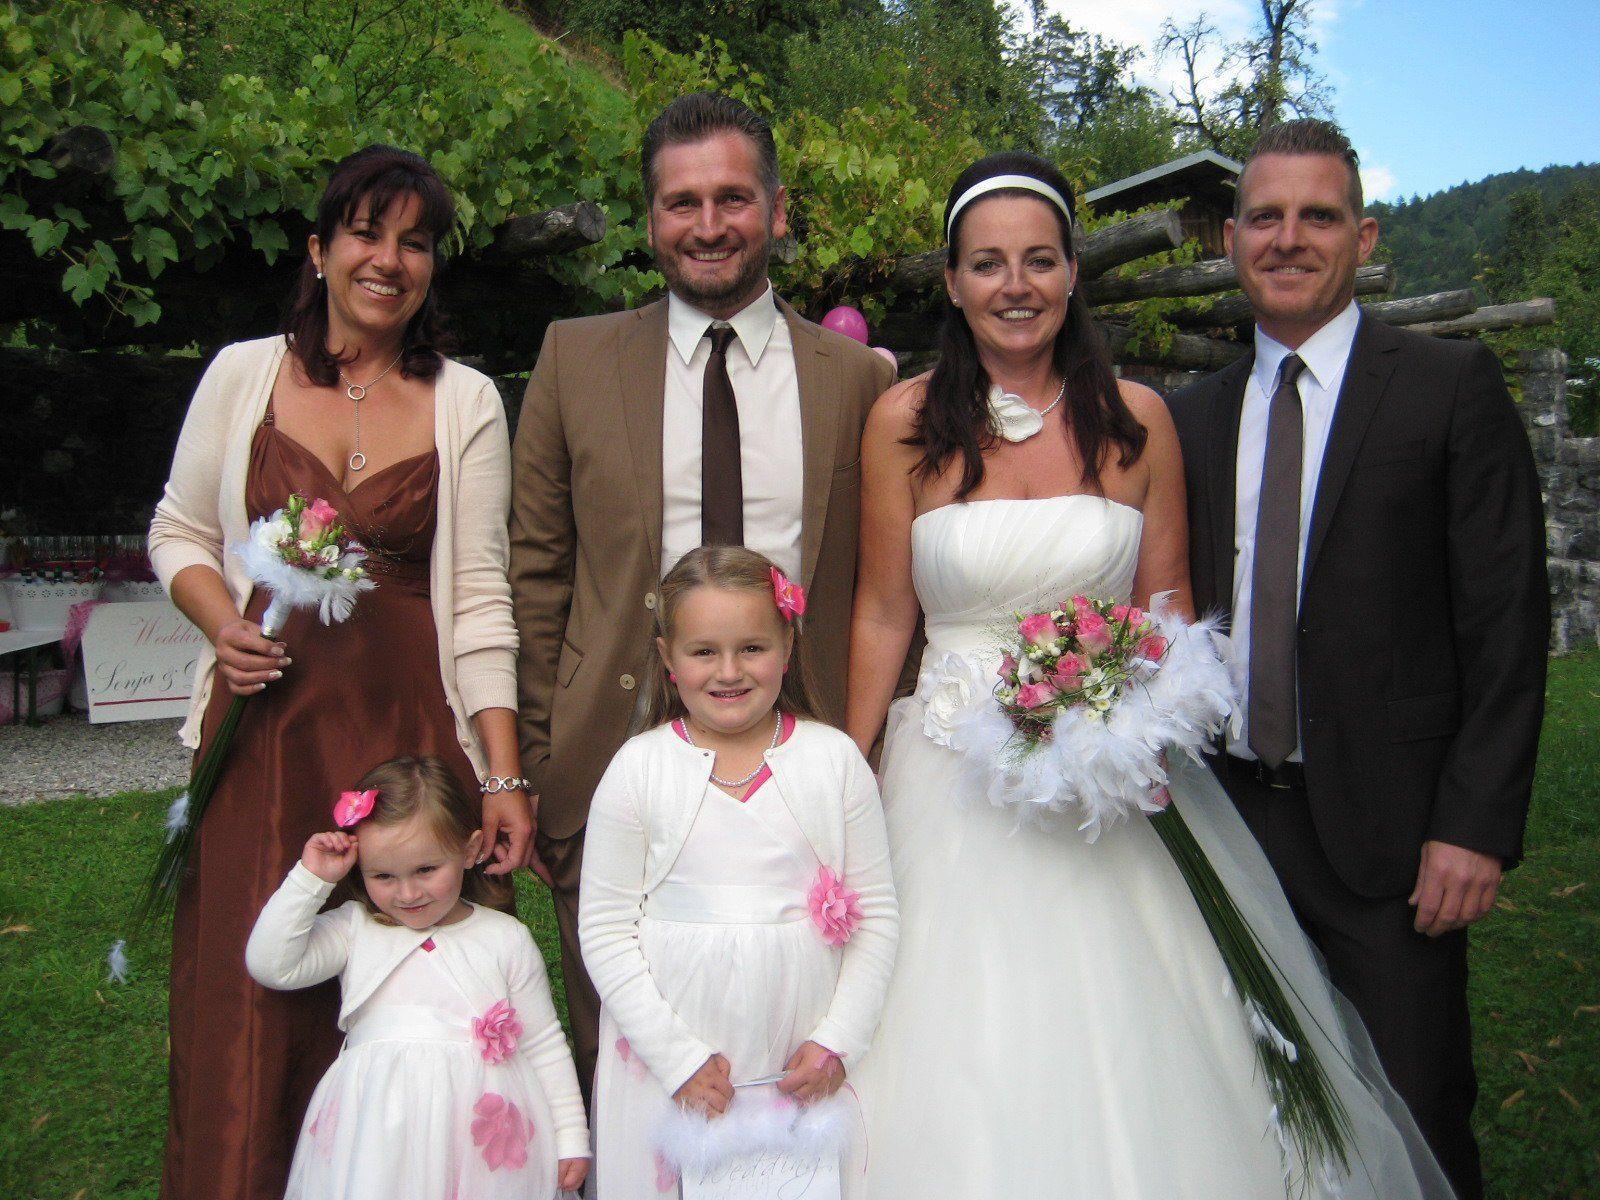 Sonja Huber und Daniel Hasberger haben geheiratet.